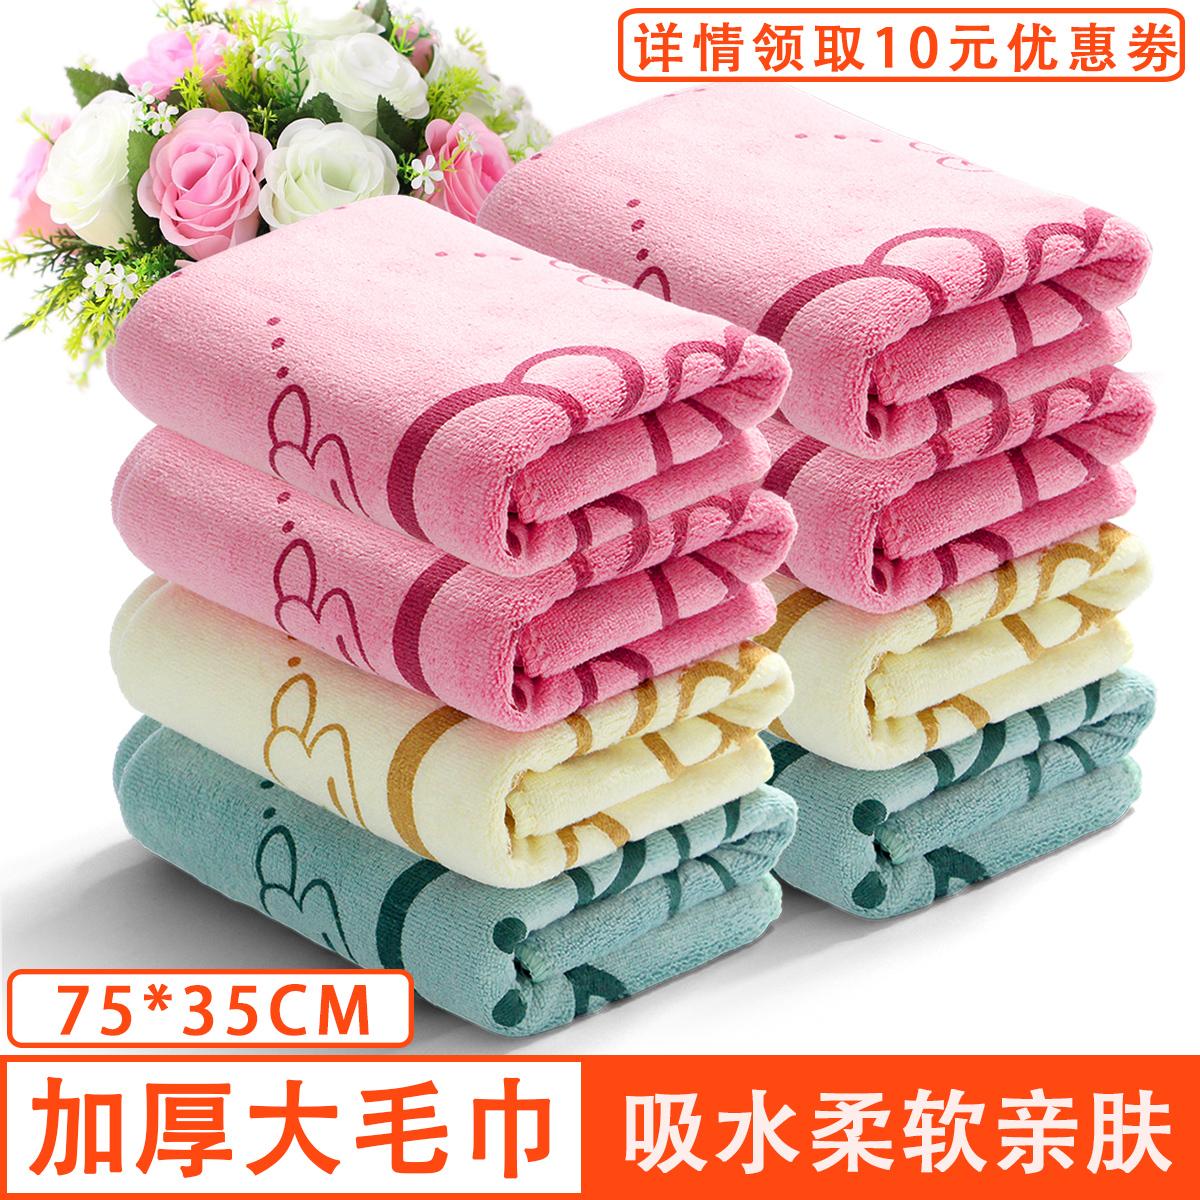 加厚大毛巾超细纤维强吸水柔软亲肤成人洗脸巾洁面毛巾擦头毛巾